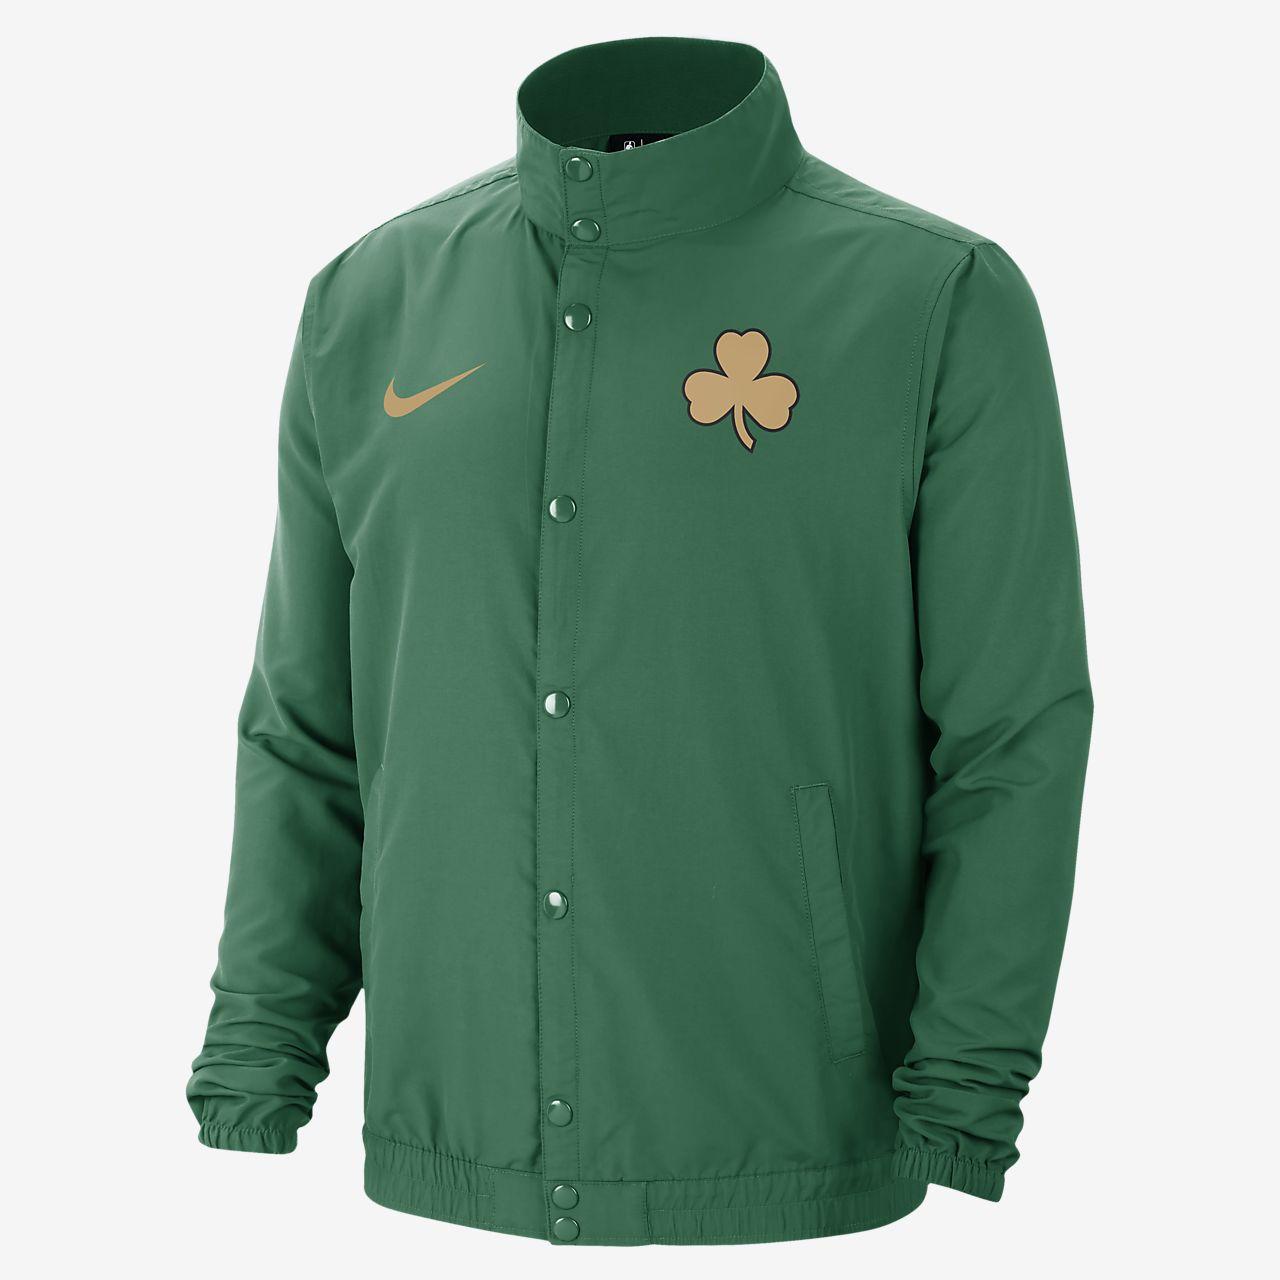 Celtics City Edition DNA Nike NBA jakke til mænd